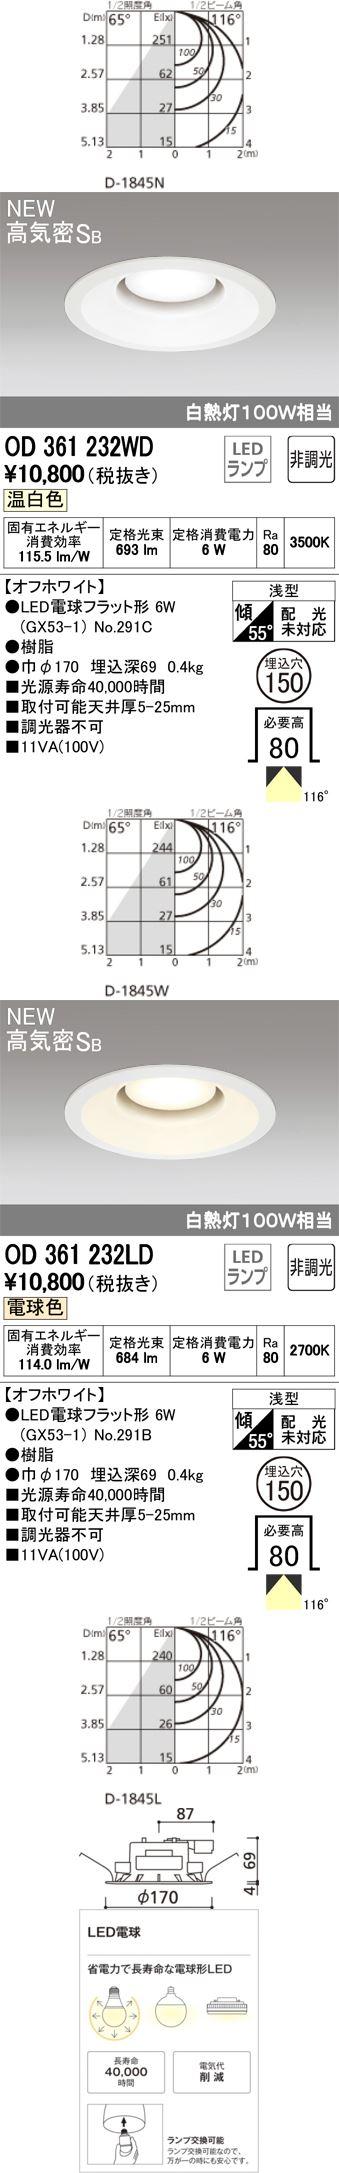 オーデリック LED電球型ダウンライト 非調光 150φ 白熱灯100W相当 OD361232ND S他